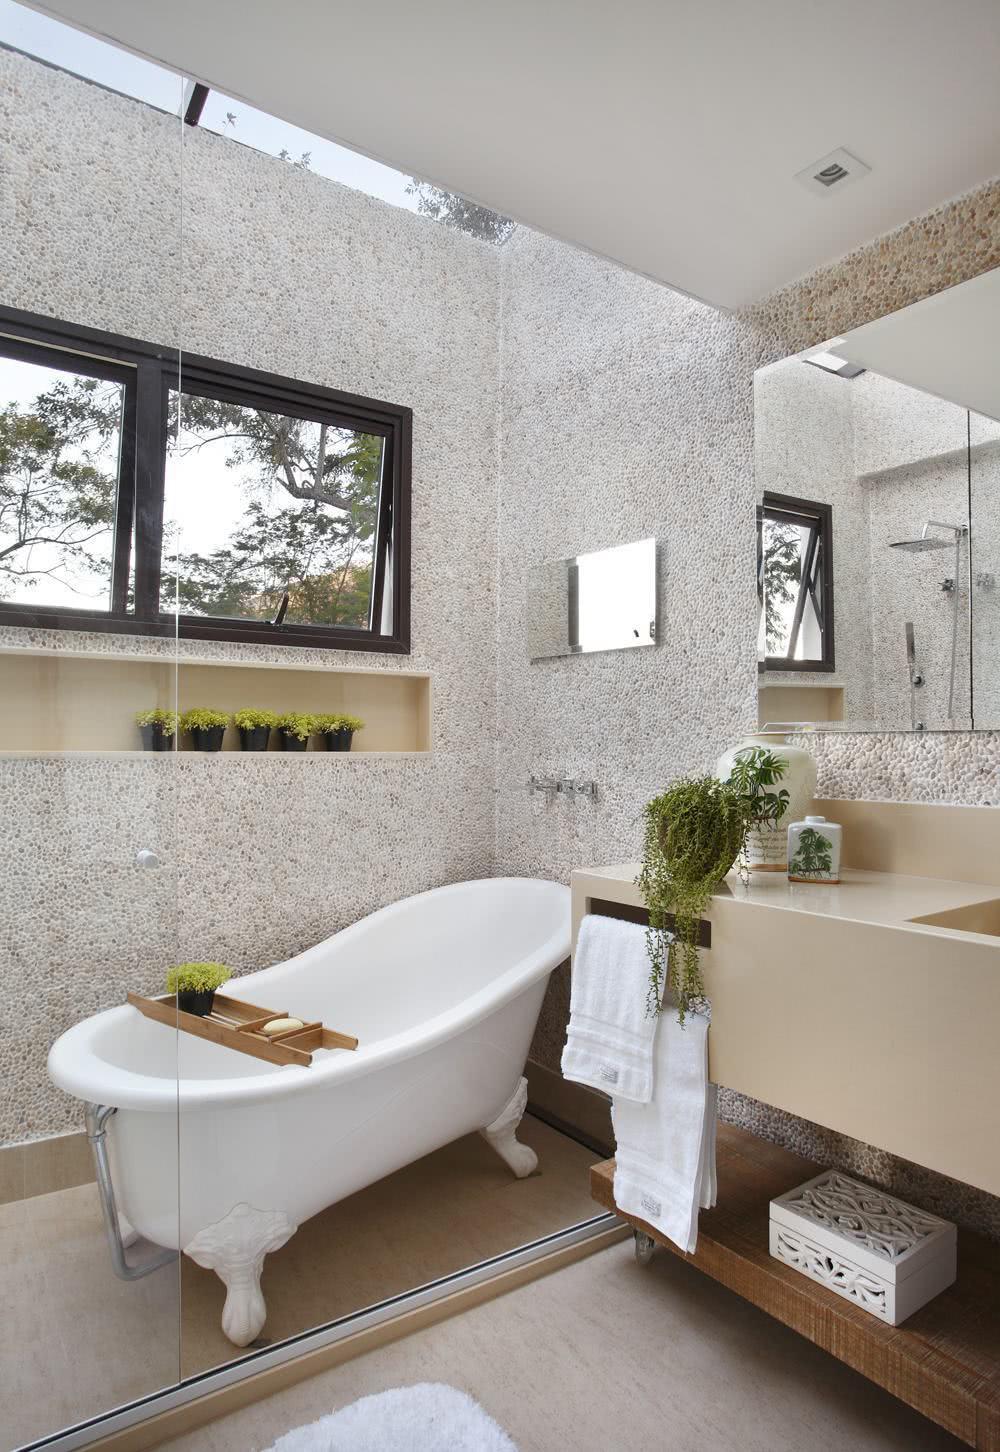 A iluminação no banheiro facilita no campo visual do ambiente